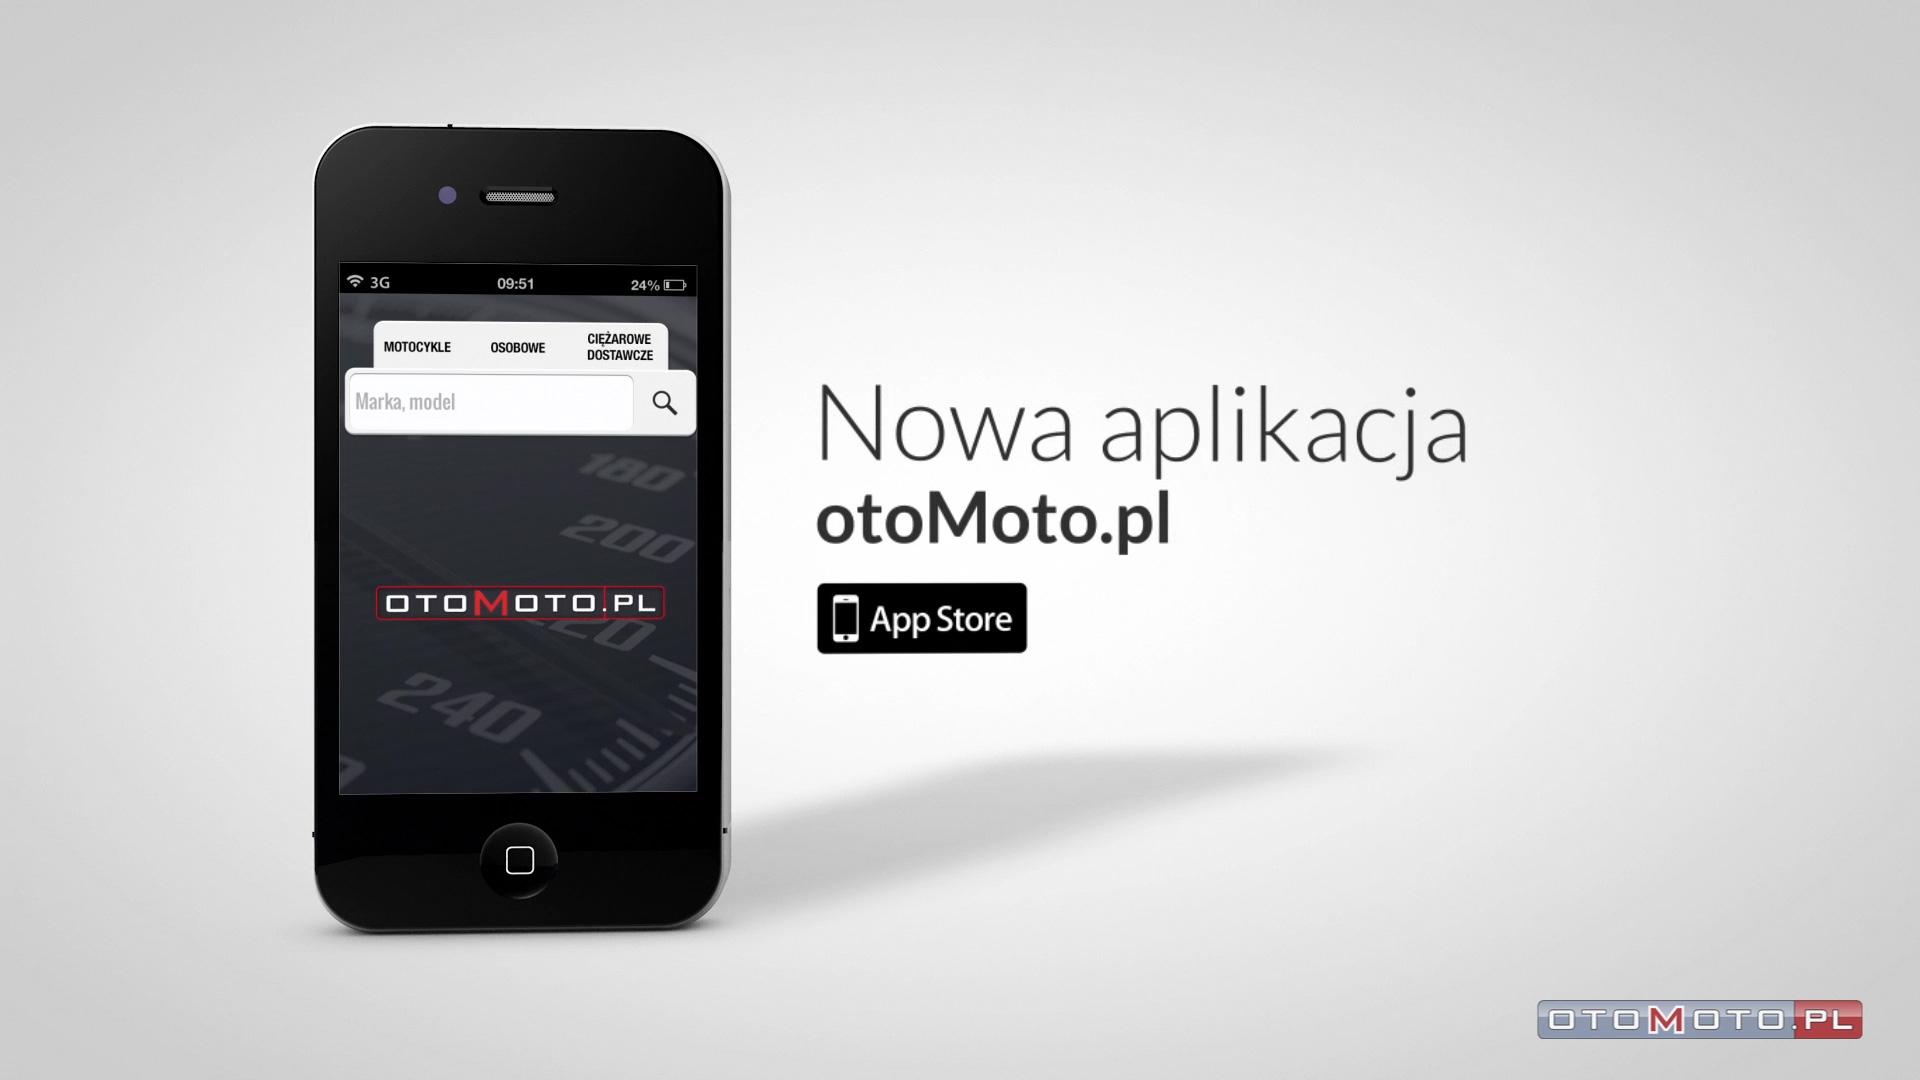 Recenzujemy nową aplikację otoMoto na iOS. Jest zaskakująco dobra!